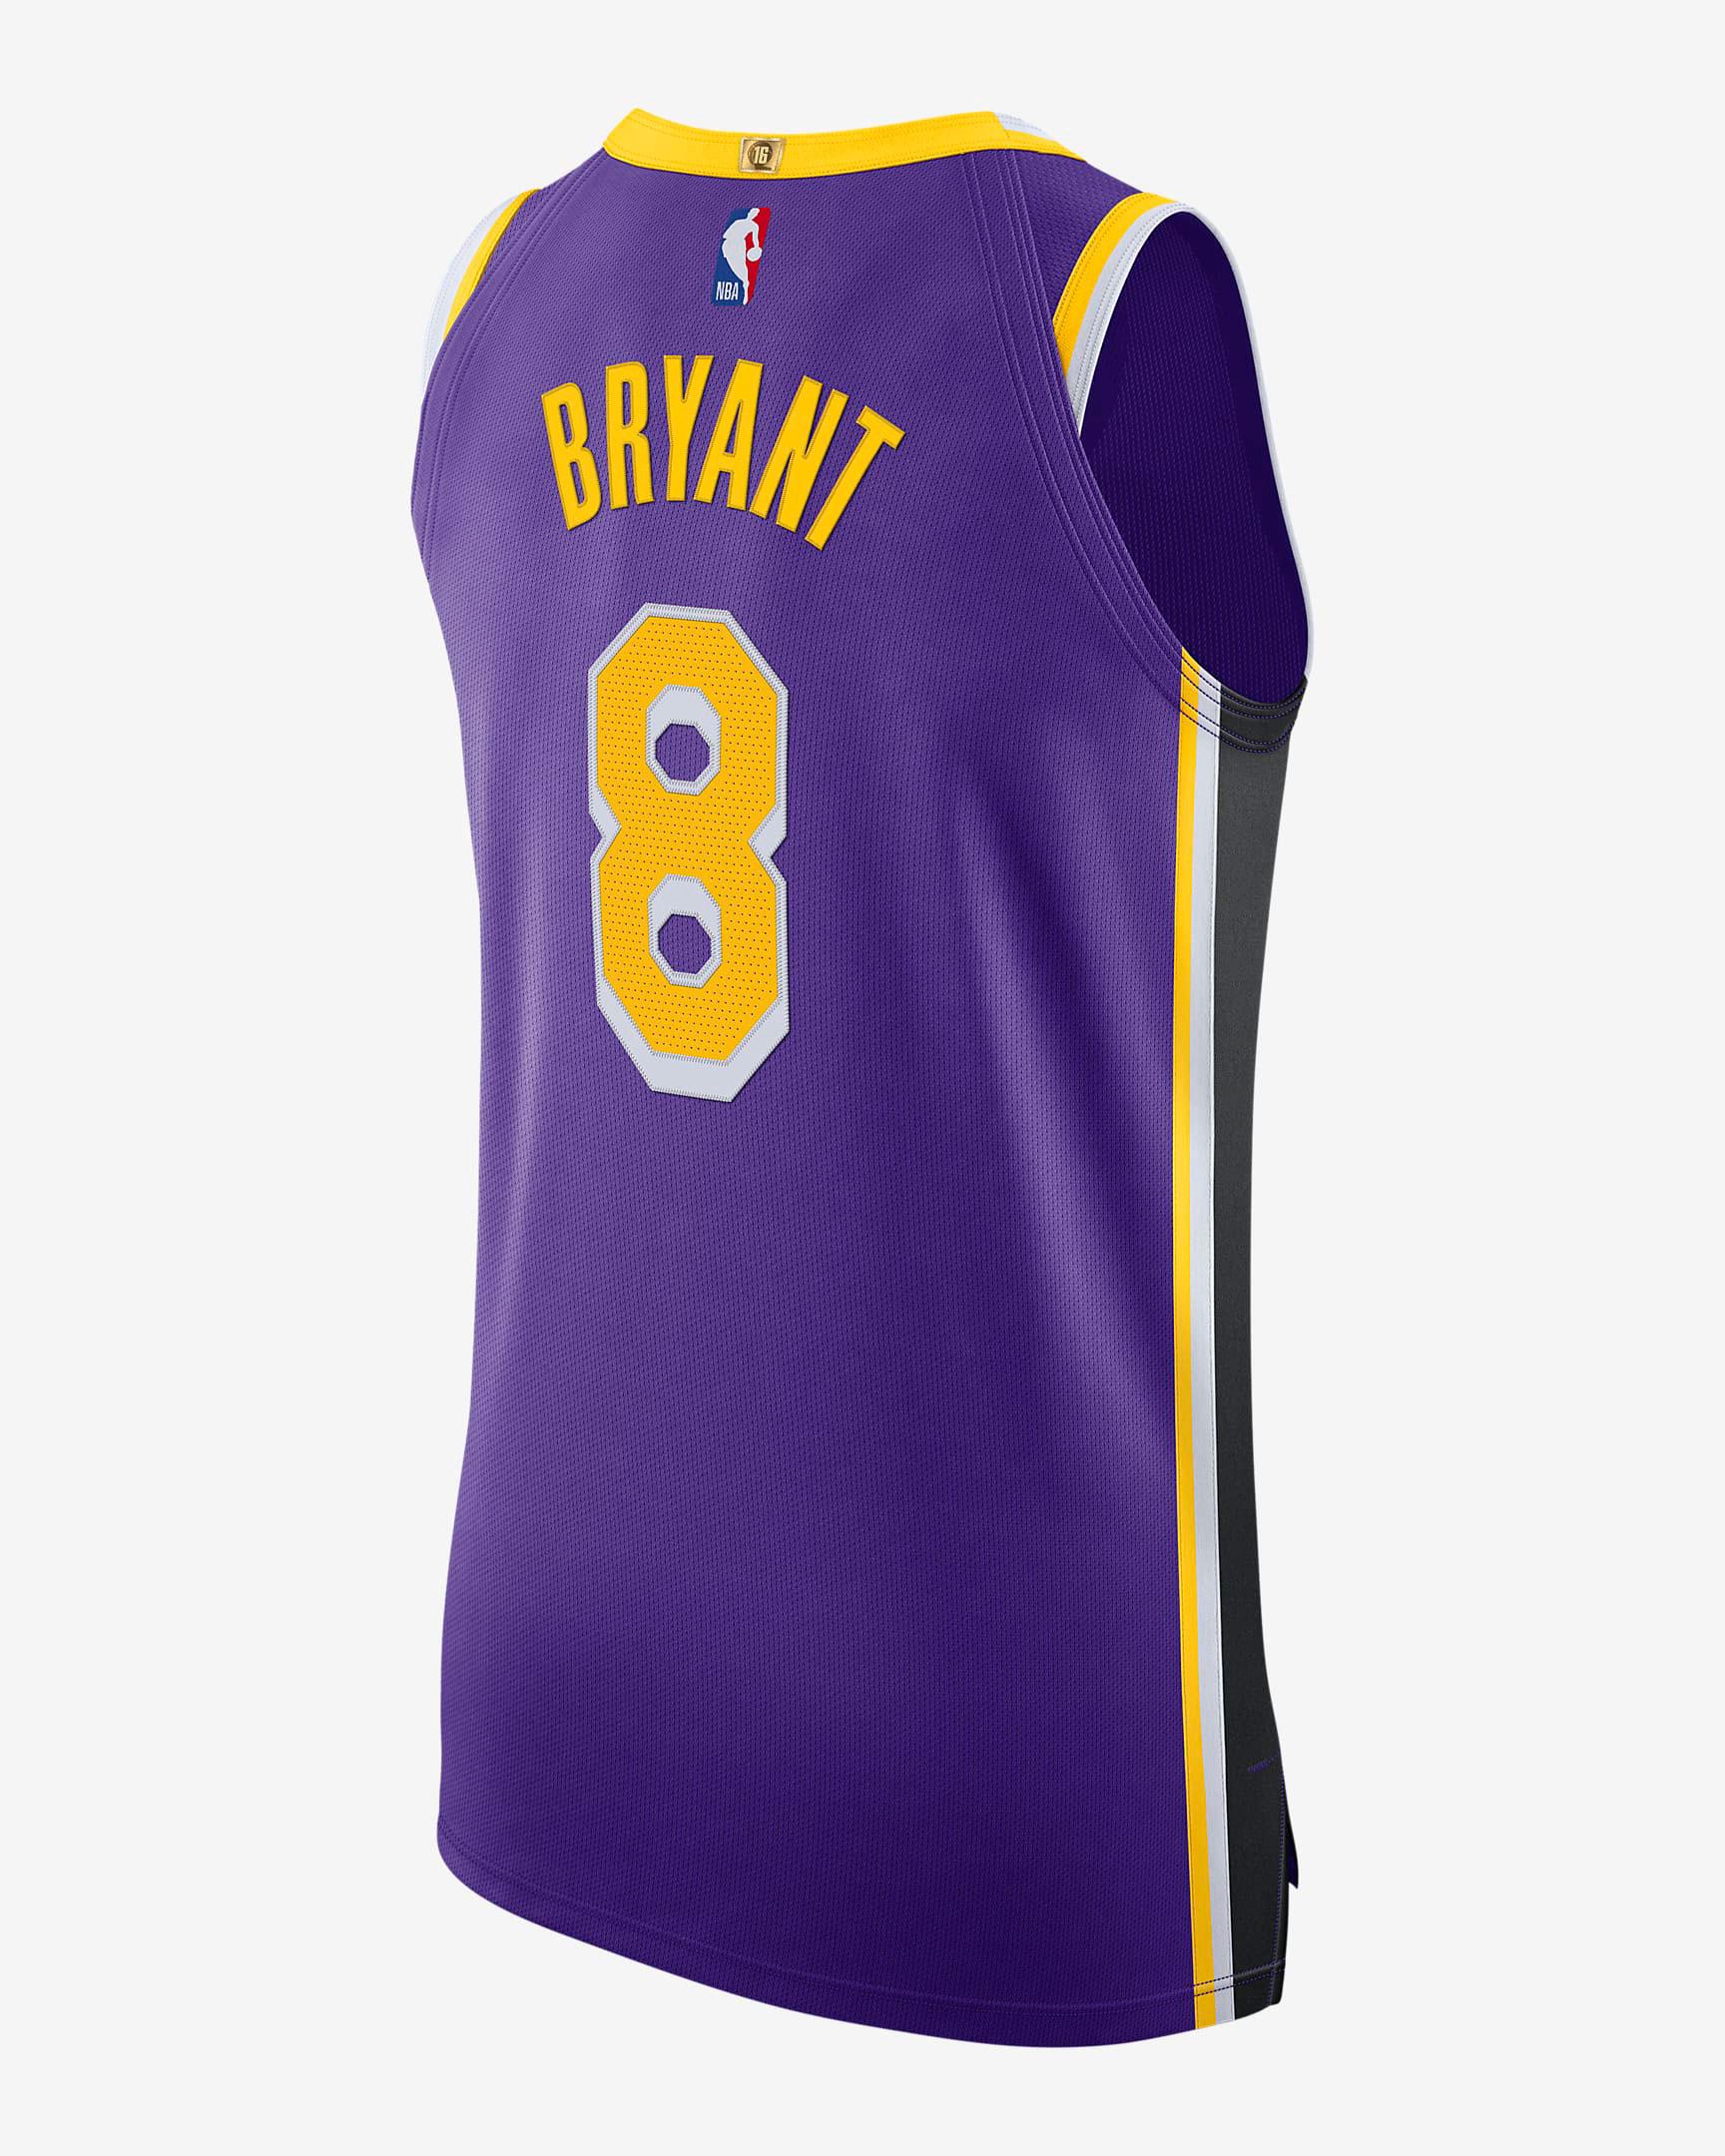 kobe-bryant-lakers-nike-purple-statement-edition-jersey-back